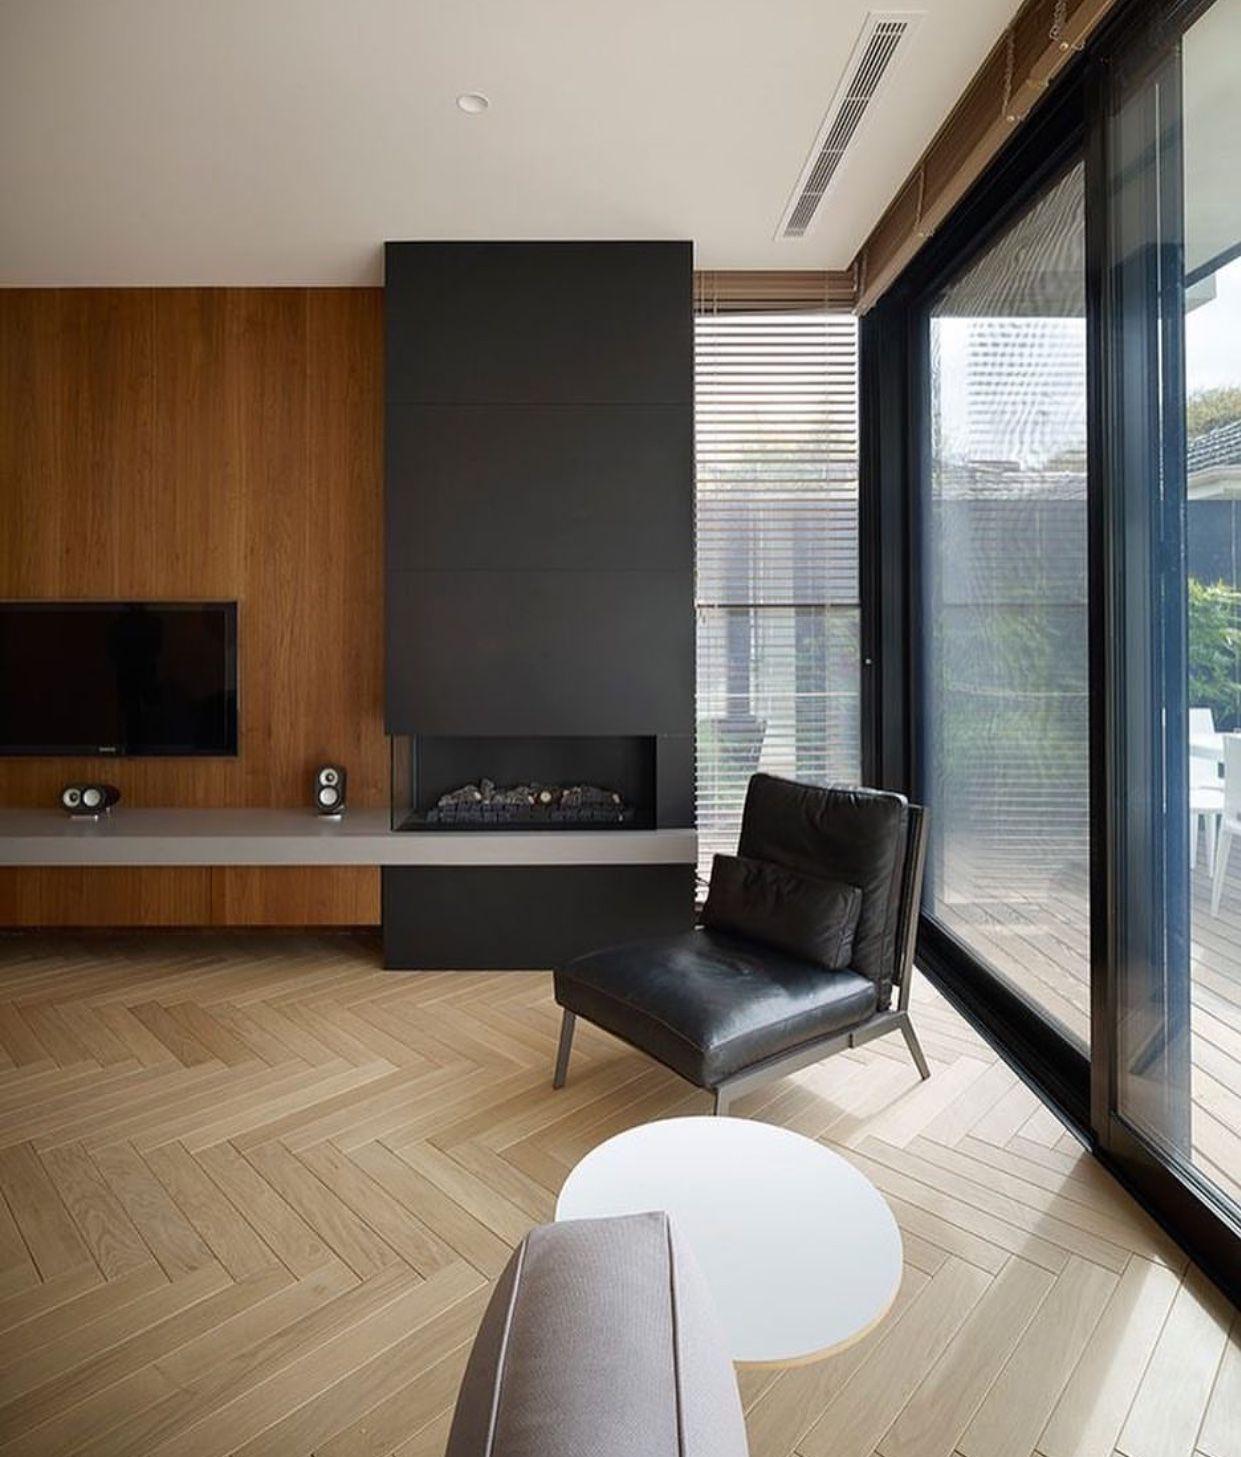 Industrial Home Design Endüstriyel Ev Tasarımları: Doğal Ahşabın Büyülü Dünyası!